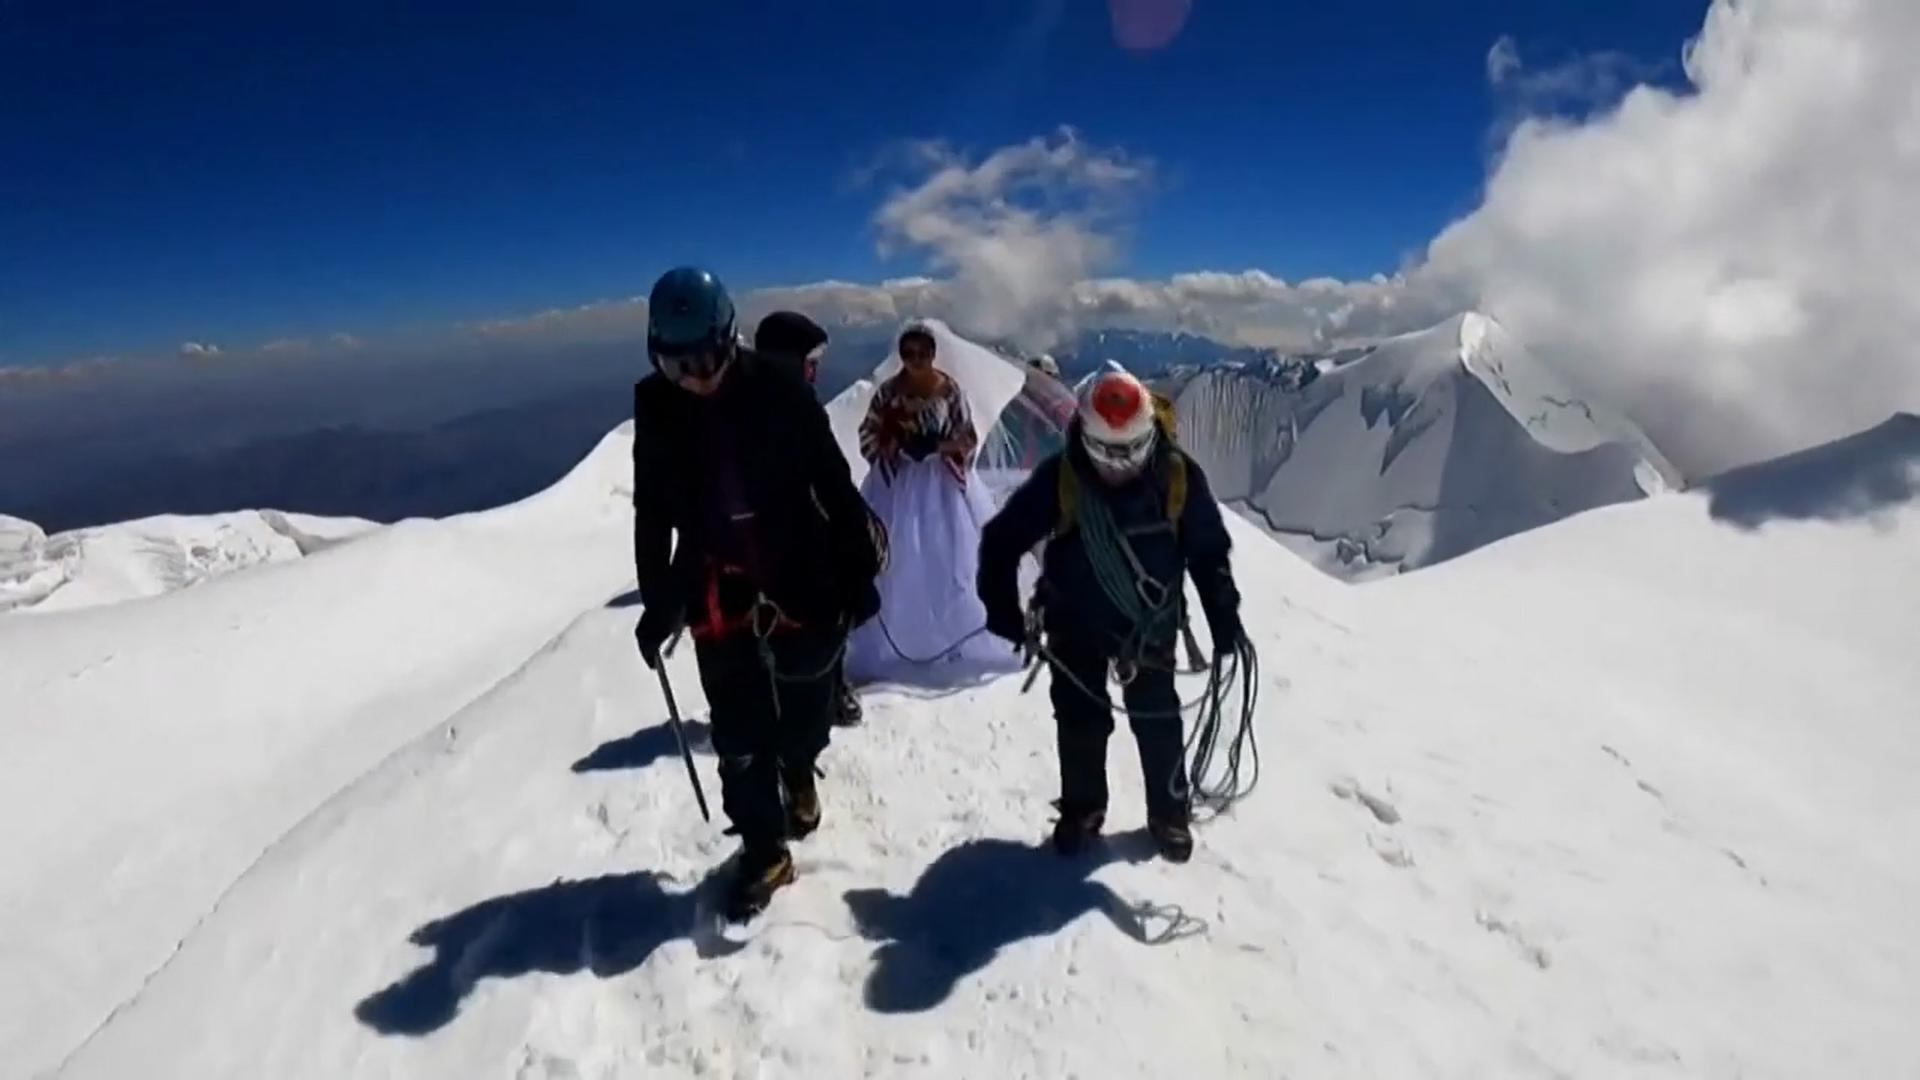 चढ़ाई चढ़ते हुए जॉनी पाचेको और हेदी।